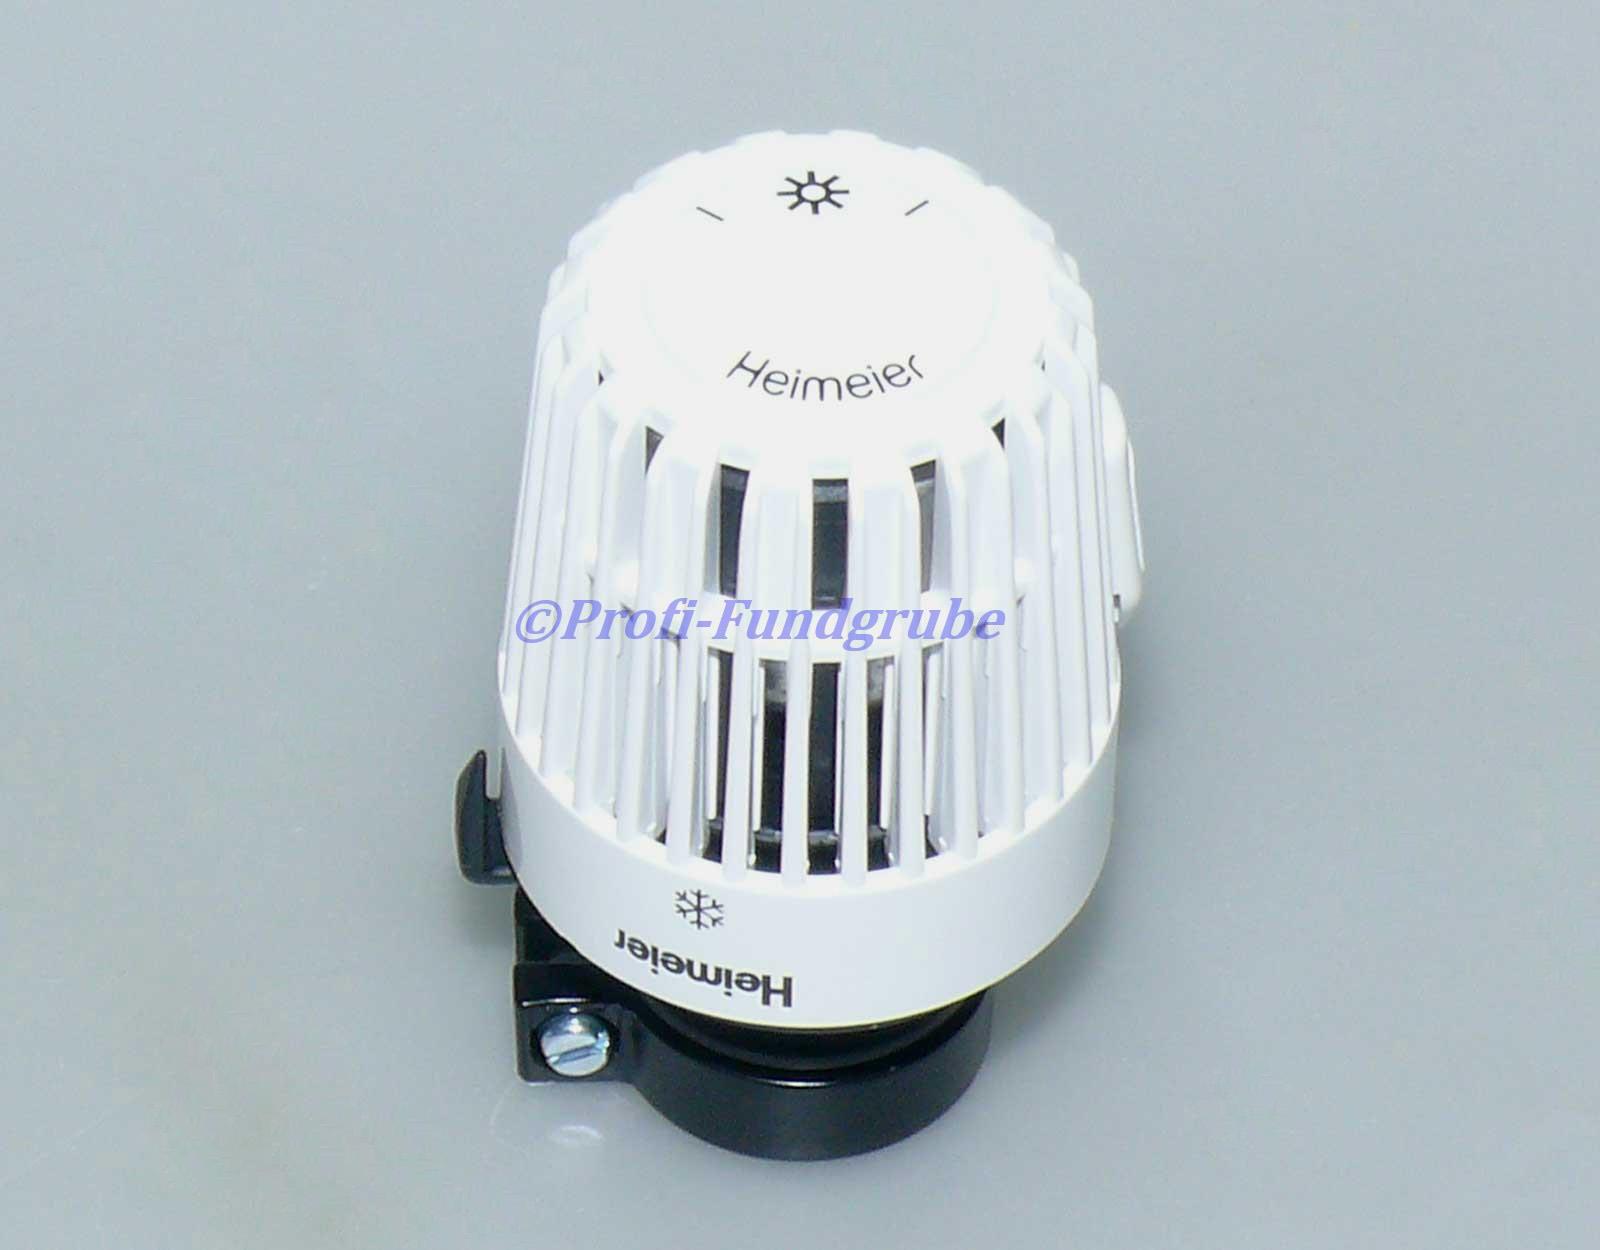 heimeier thermostatkopf k auf danfoss ravl 26mm thermostatf hler 9700 kaufen bei. Black Bedroom Furniture Sets. Home Design Ideas